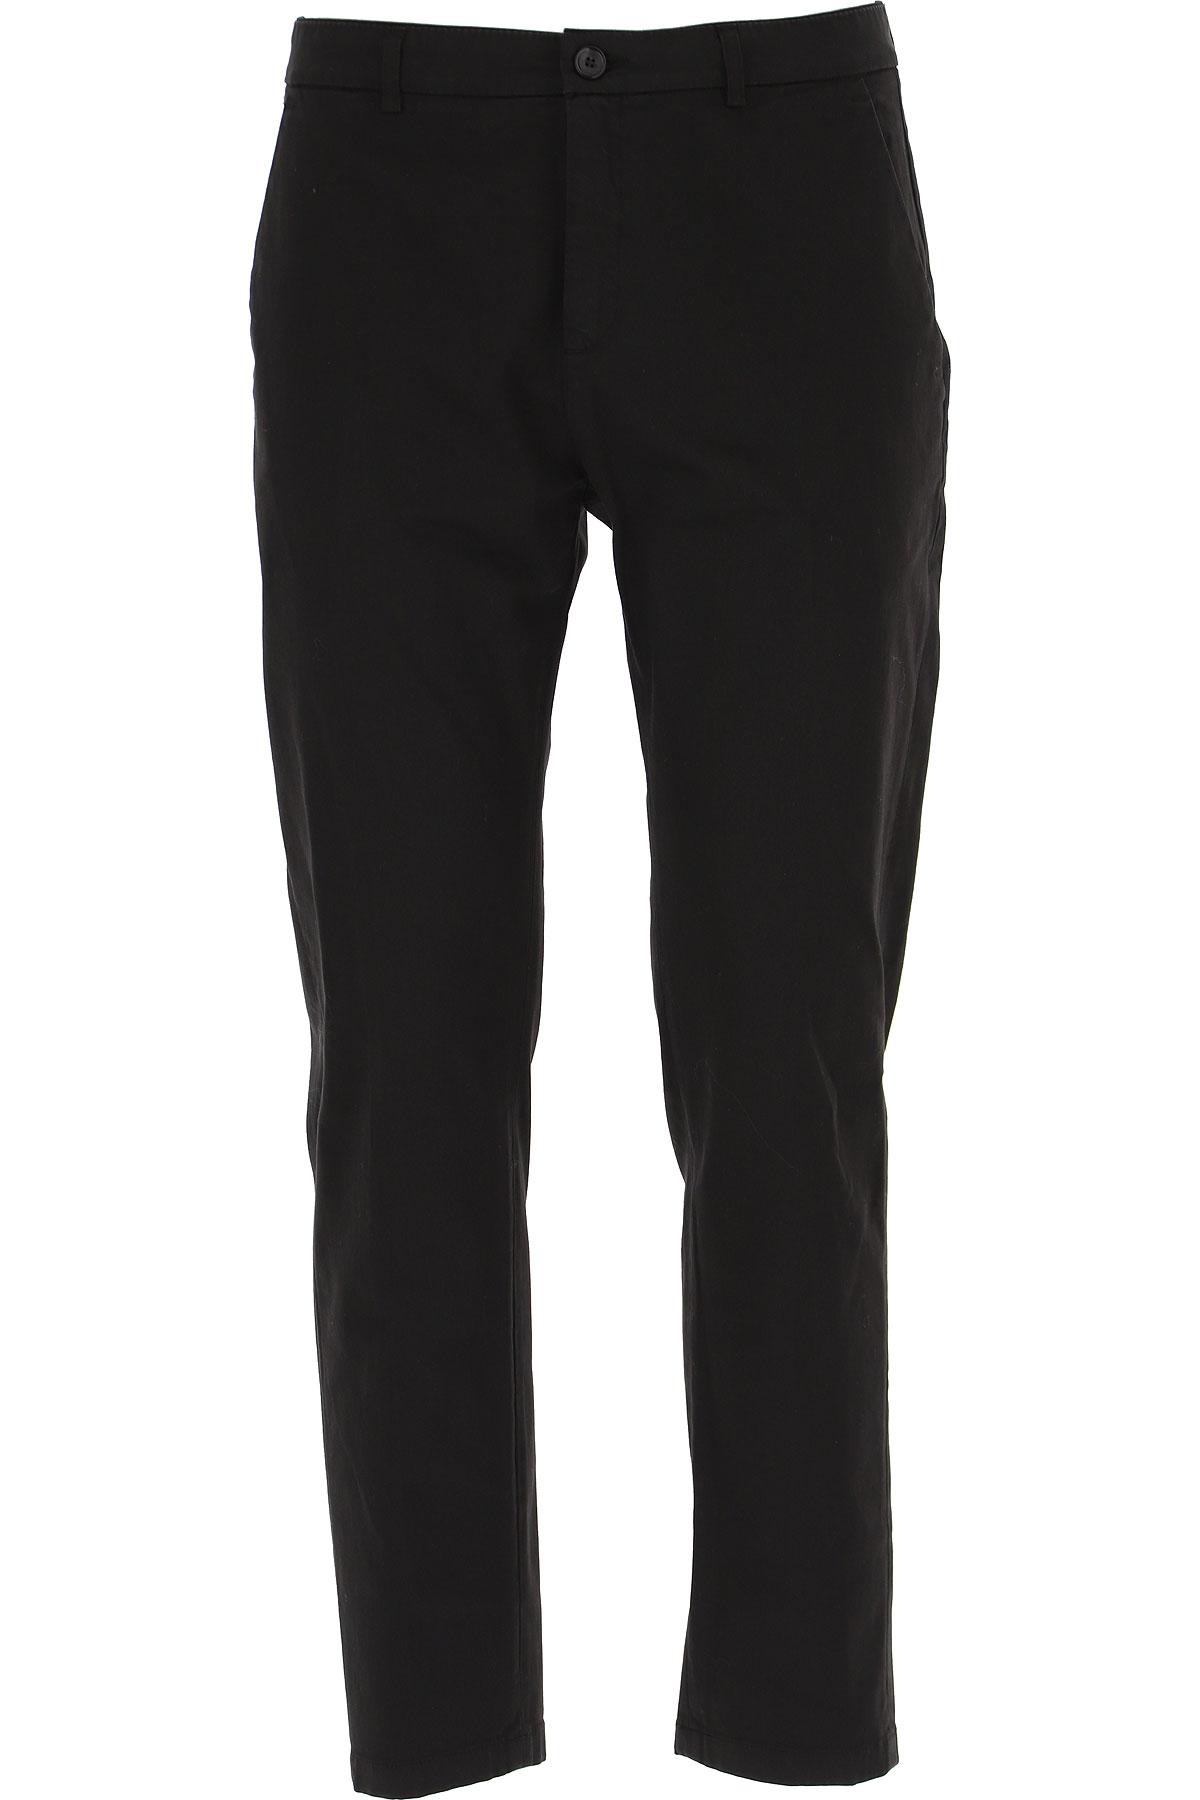 Department Five Pants for Men On Sale, Black, Cotton, 2019, 30 31 32 33 34 35